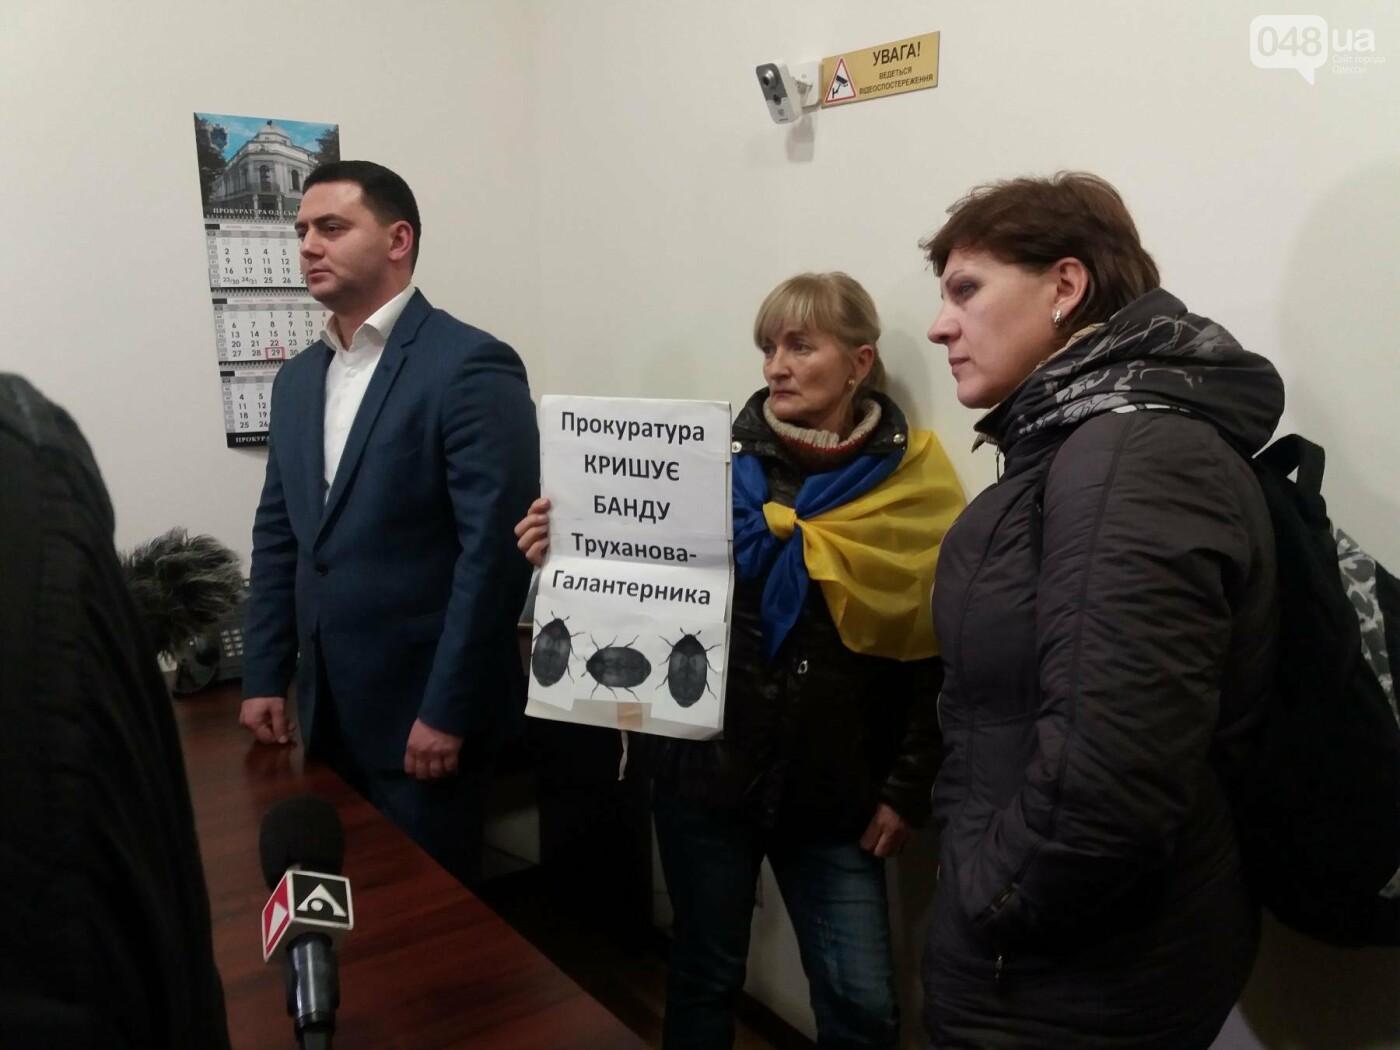 Одесскую прокуратуру внутри оклеили жучками: больше от Жученко не добились ничего (ФОТО, ВИДЕО), фото-2